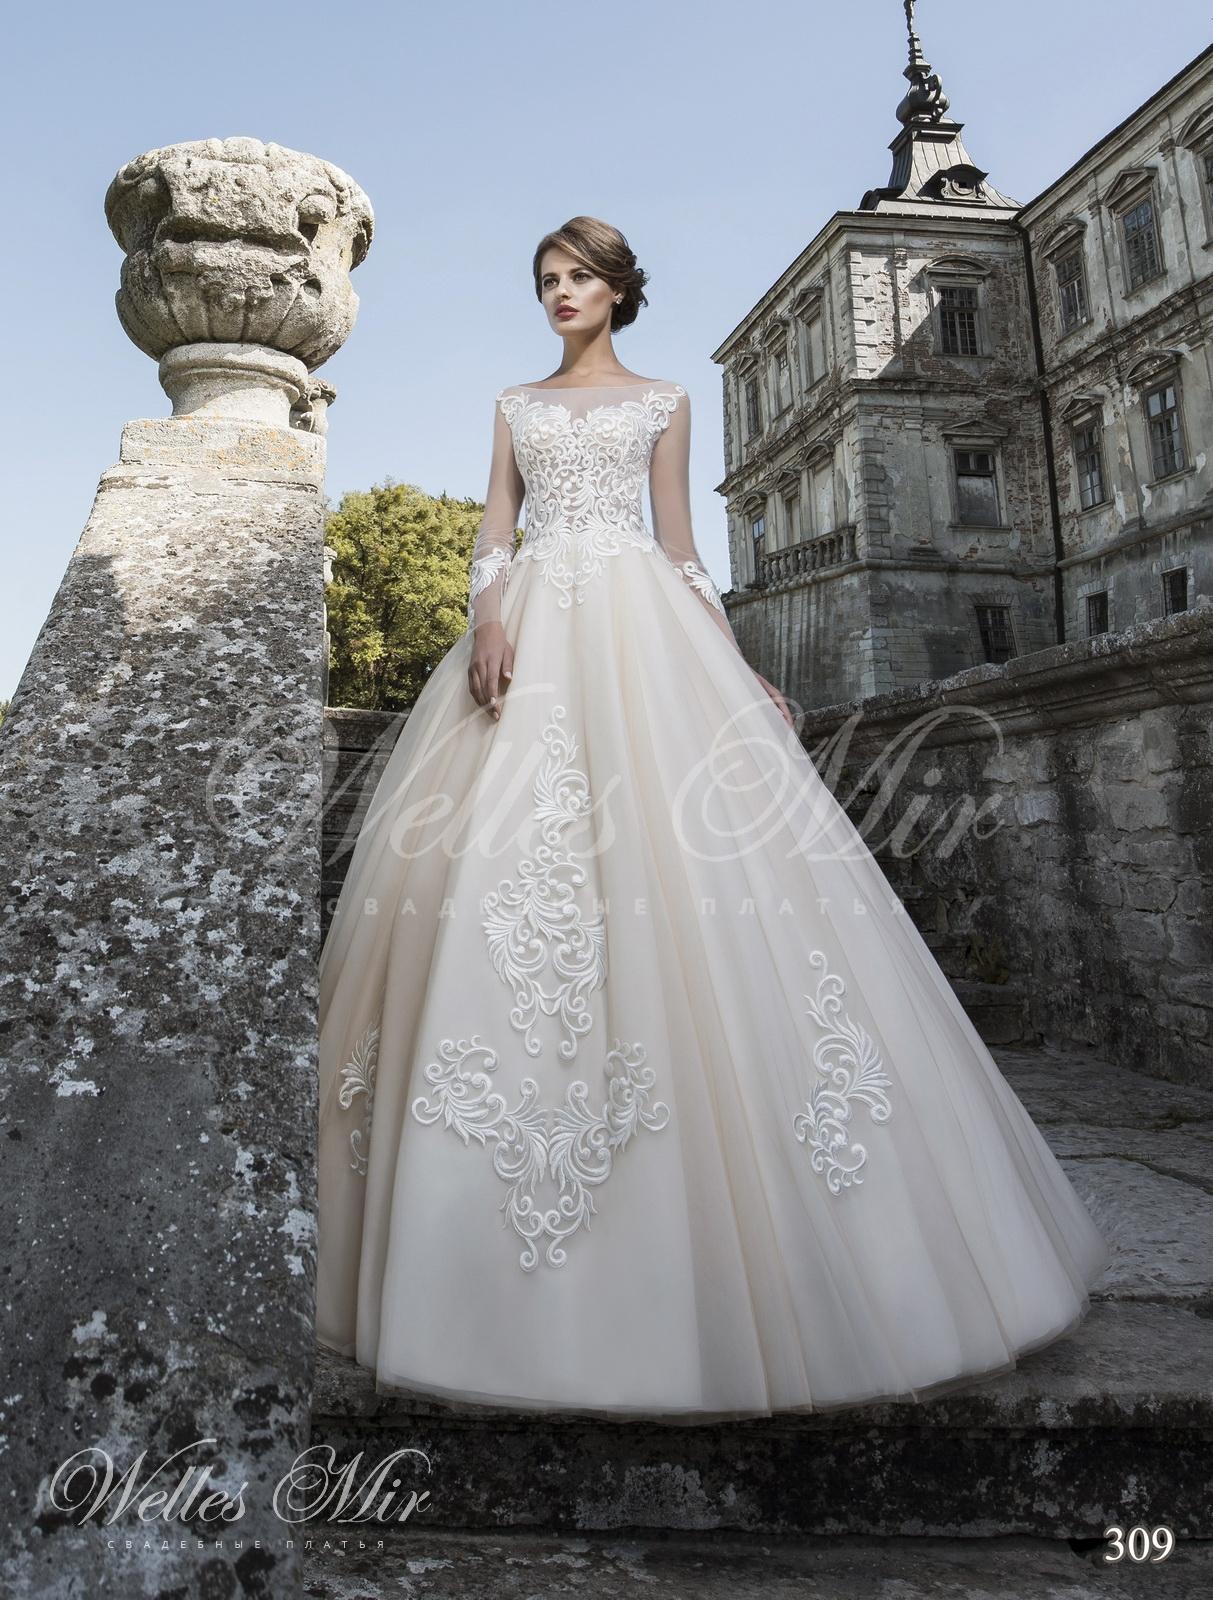 454b94606007a2 До сих пір для молодої вибір сукні є найбільш приємним і захоплюючим  заняттям в усьому процесі підготовки до весілля. Їх цікавлять сучасні весільні  сукні, ...